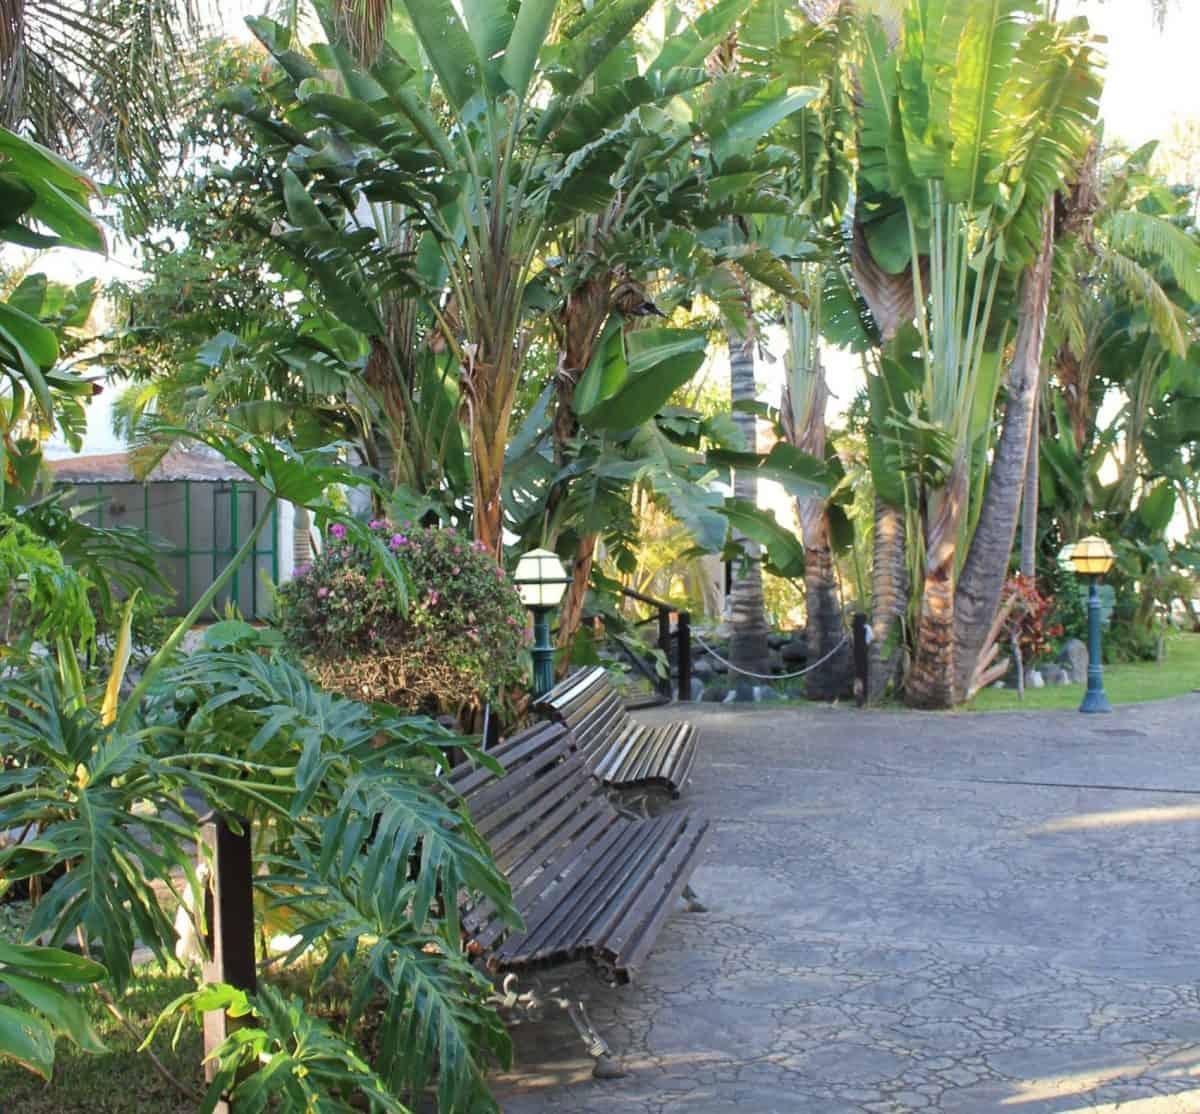 Parque Lulú en el municipio de Telde